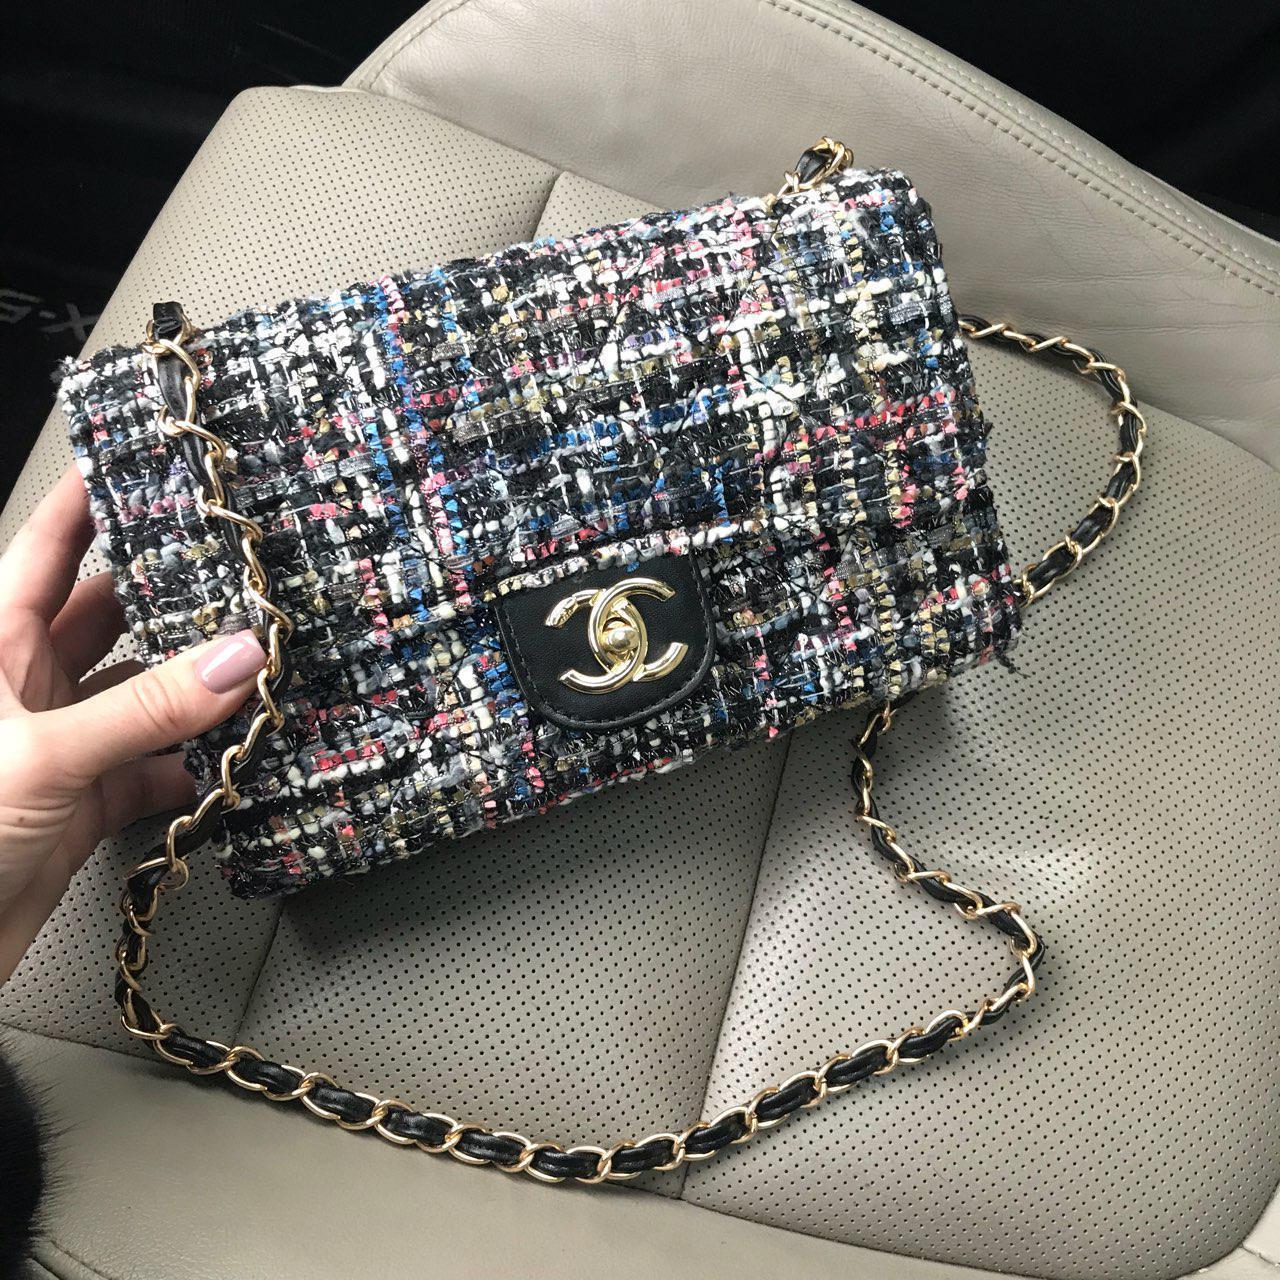 79ccdf7ec798 Твидовая женская сумка копия Chanel - Интернет-магазин